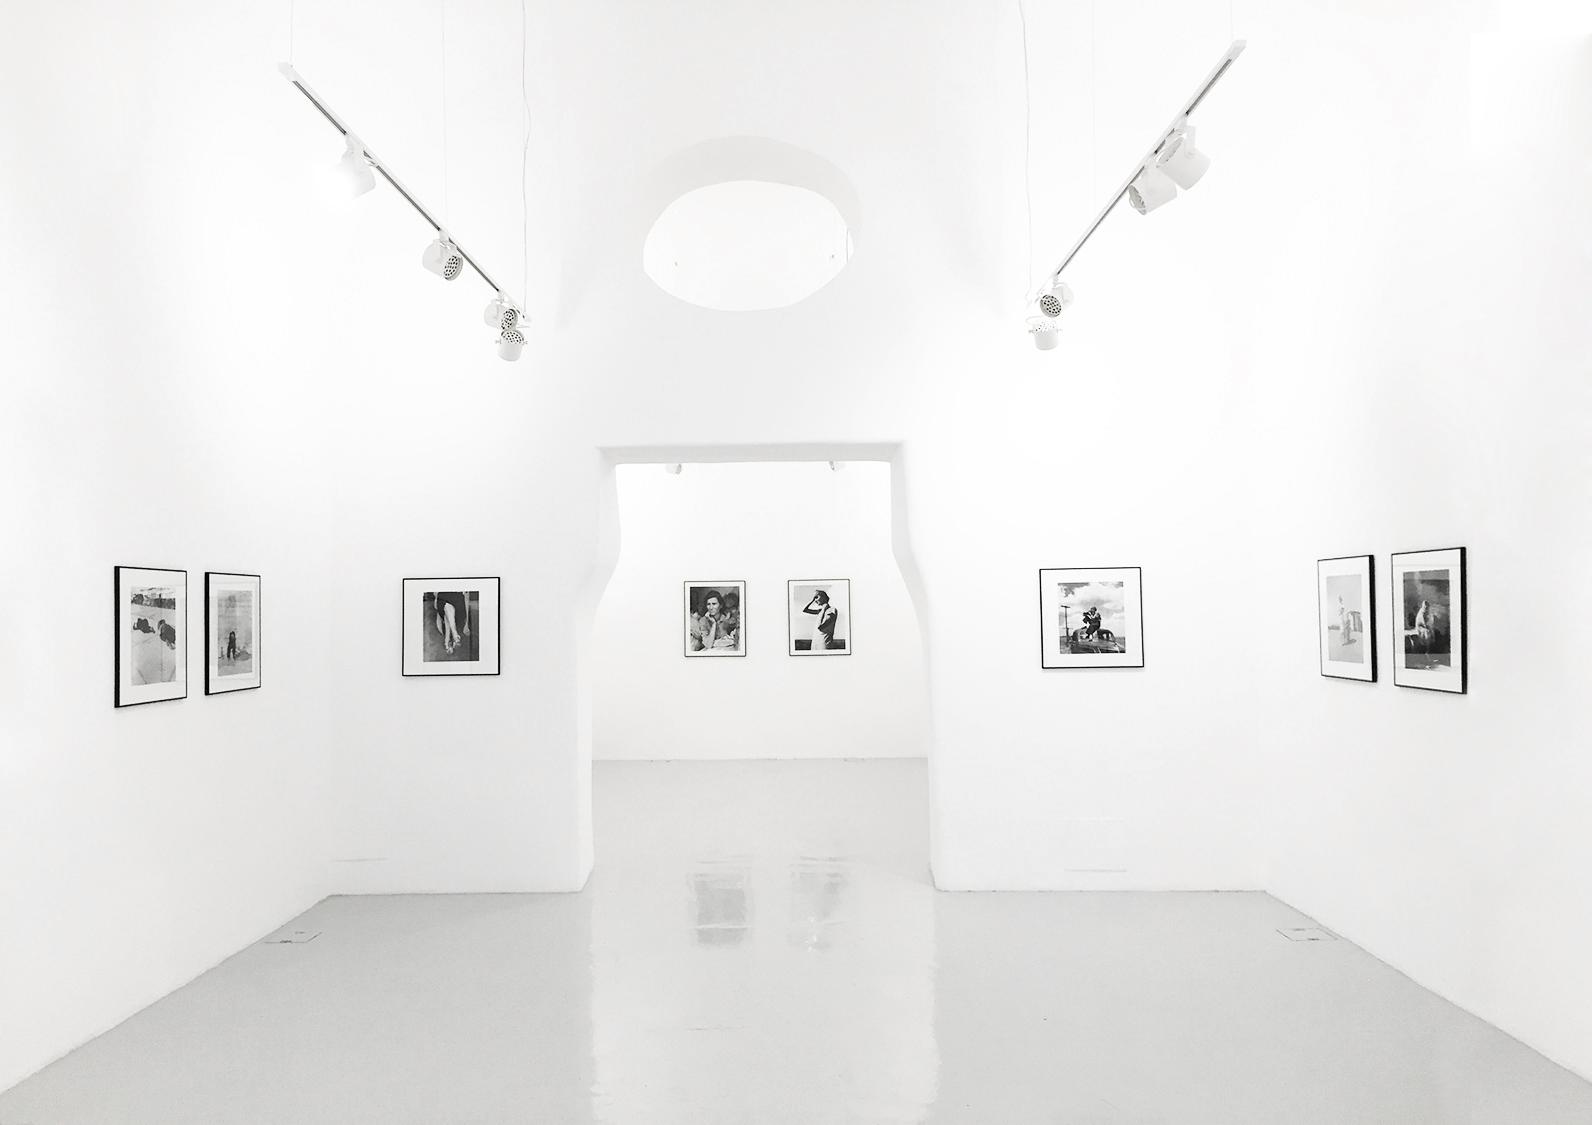 Dorothea Lange,  A Visual Life , installation view  9 giugno - 15 settembre 2016  -  comunicato stampa / press release   - catalogo / catalogue